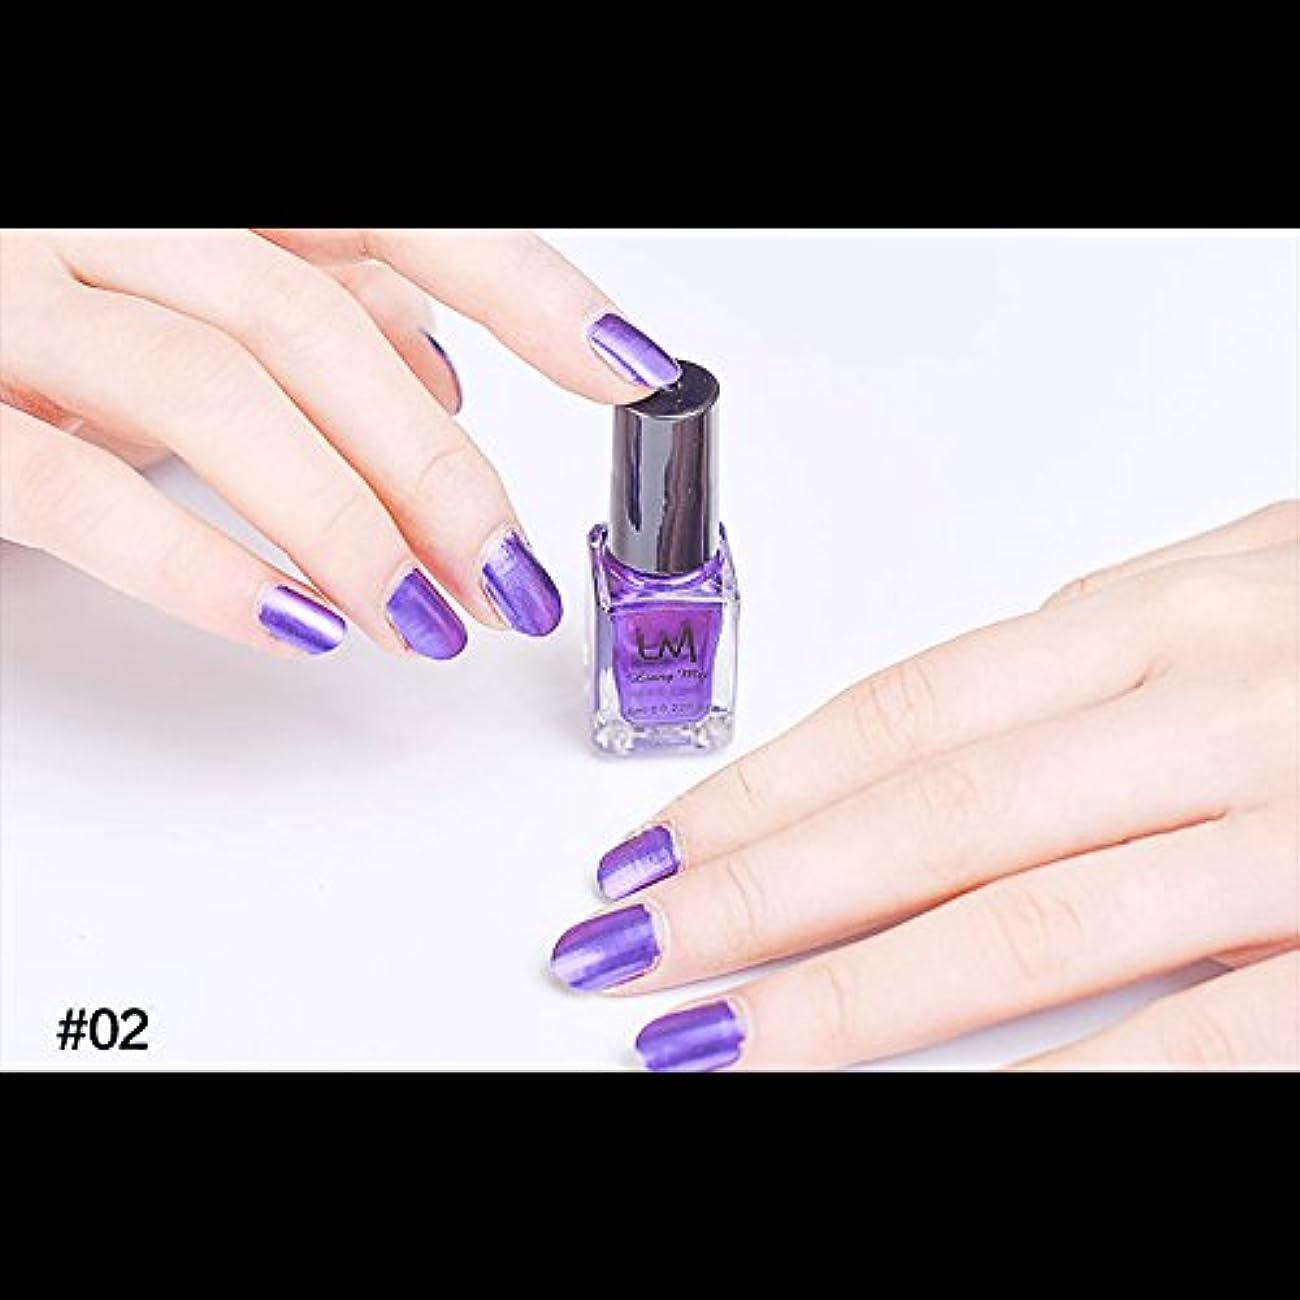 ハシー密販売員hjuns-Wu マニキュア パール感 1ボトル 6ml ネイルポリッシュ (紫)